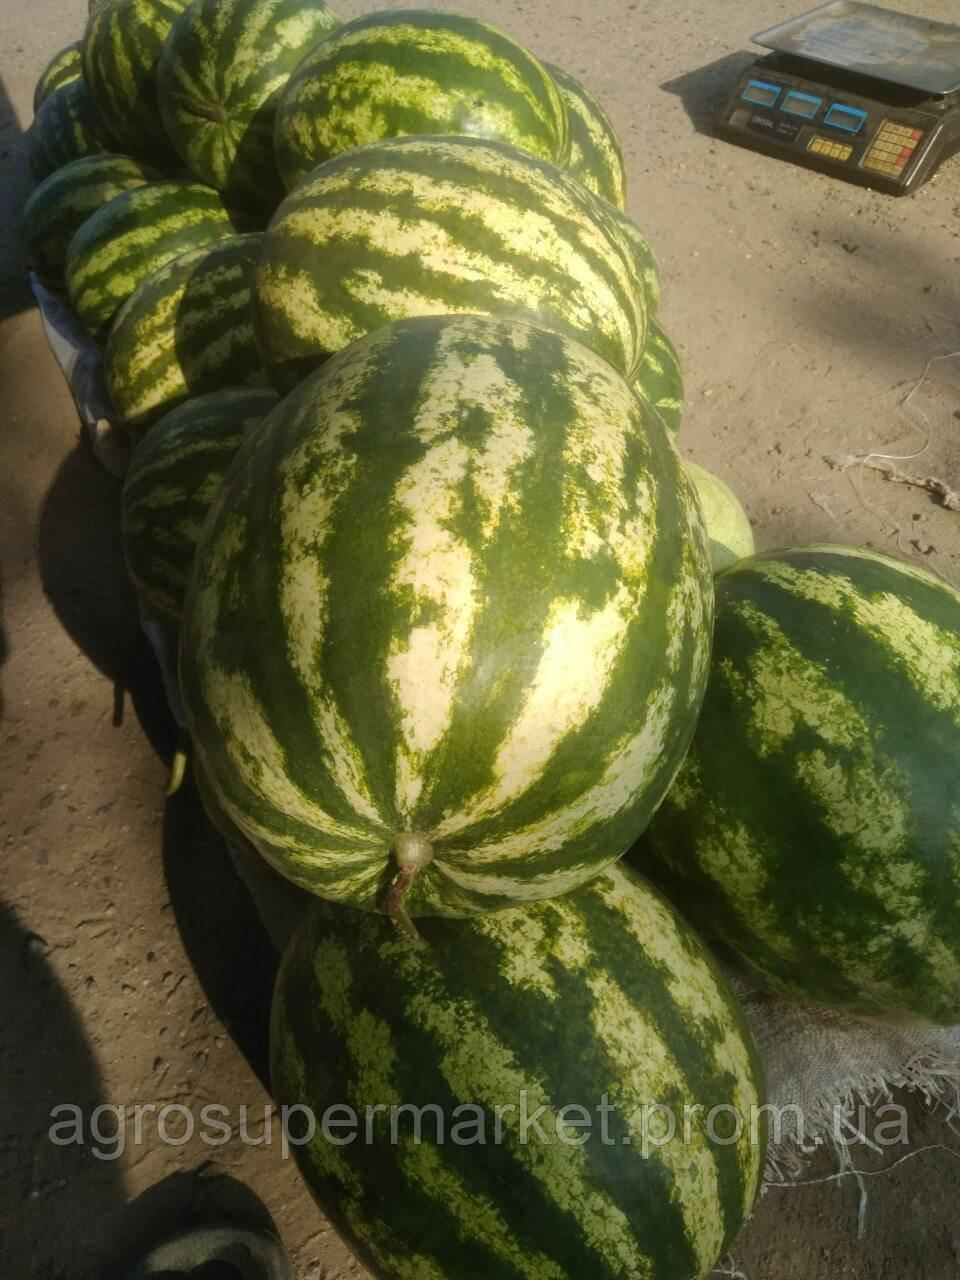 ПРОДЮСЕР/ Галактика семена арбуза банка 0.5кг (Турция Оригинал бт-сид), фото 1